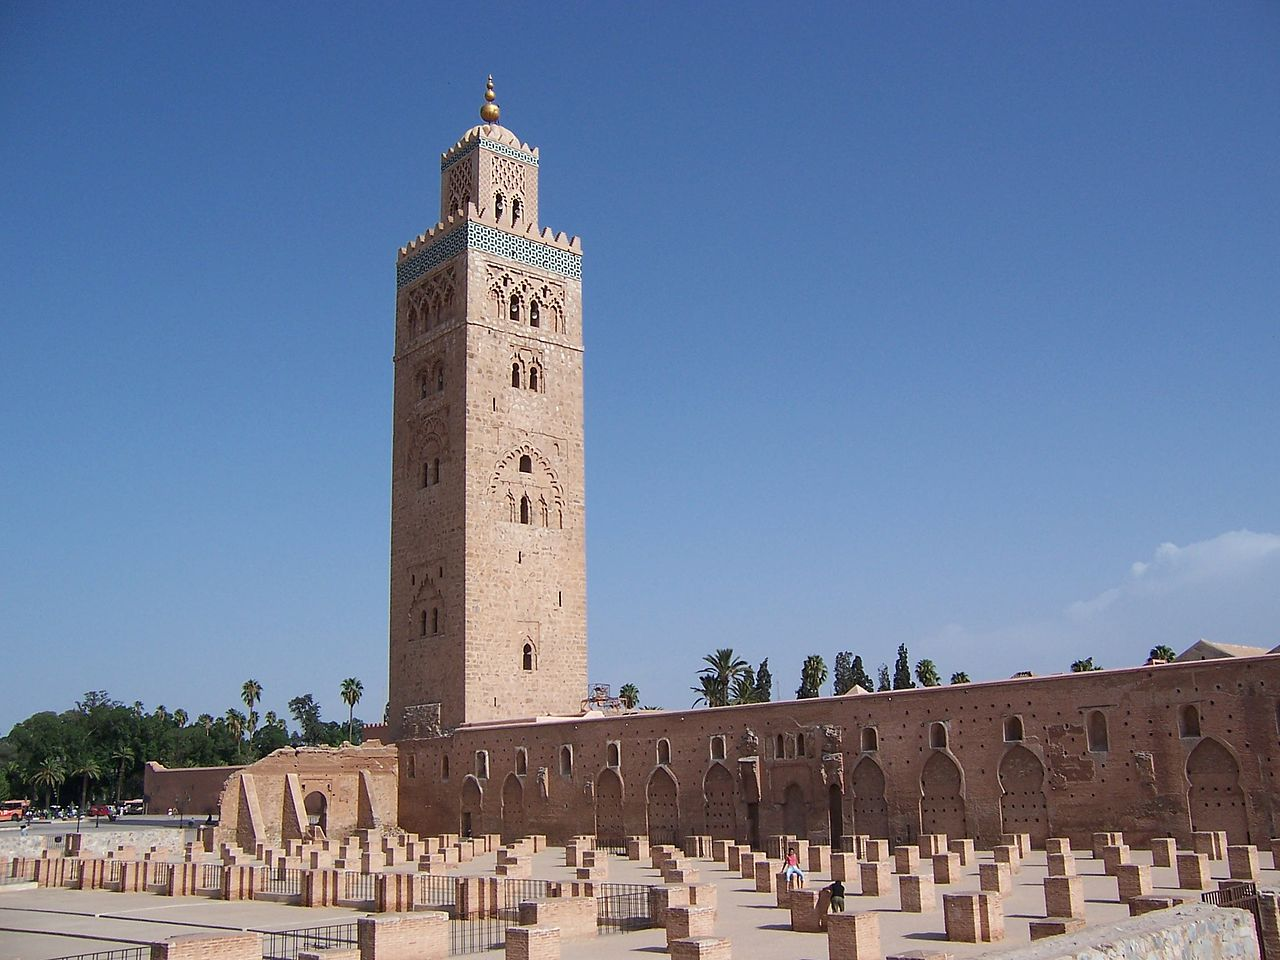 La mezquita Koutoubia